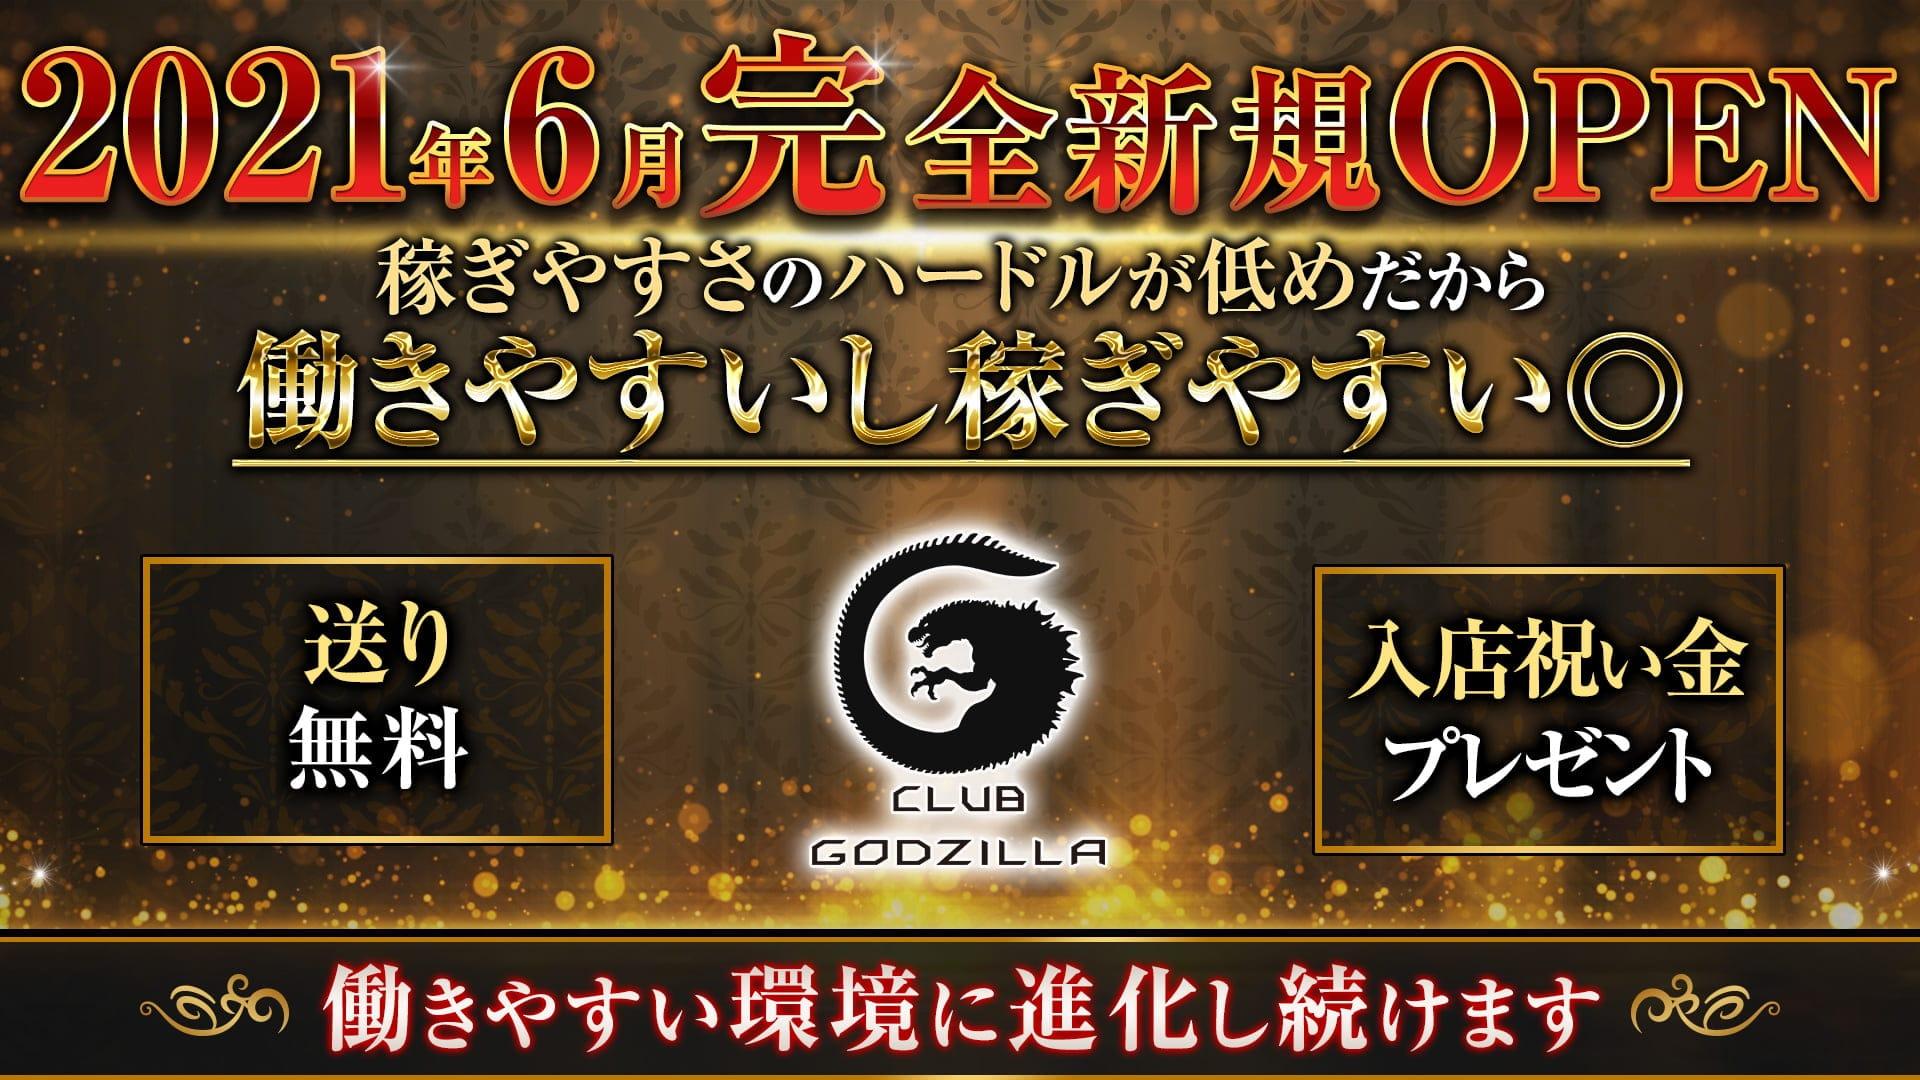 【君津】CLUB GODZILLA(ゴジラ)【公式求人・体入情報】 千葉キャバクラ TOP画像